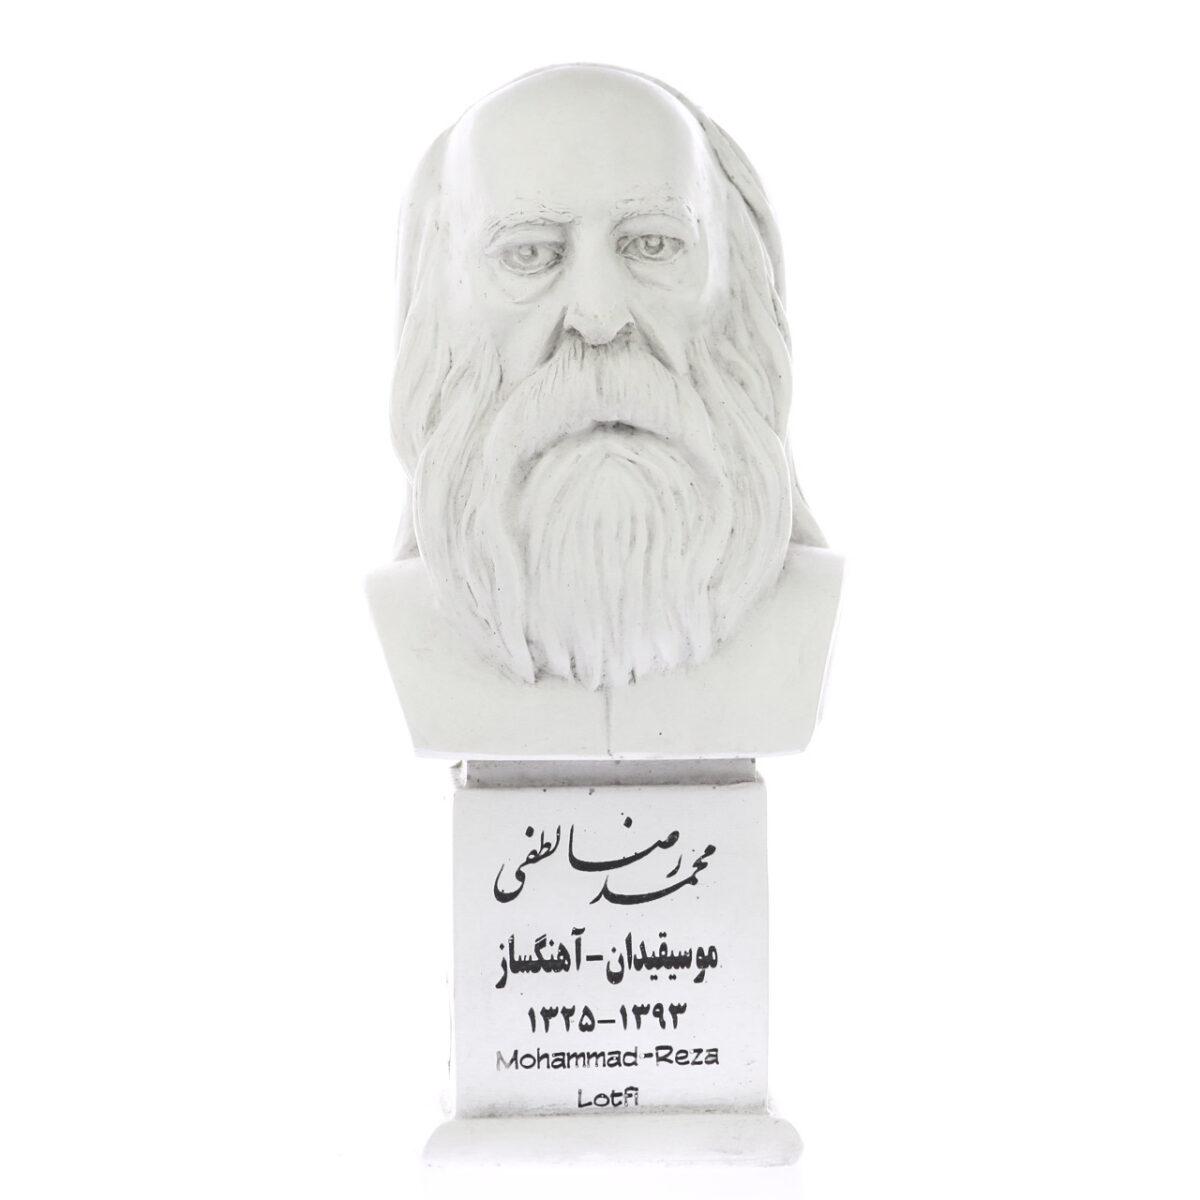 mohammadreza lotfi s 1200x1200 - سردیس استاد محمد رضا لطفی